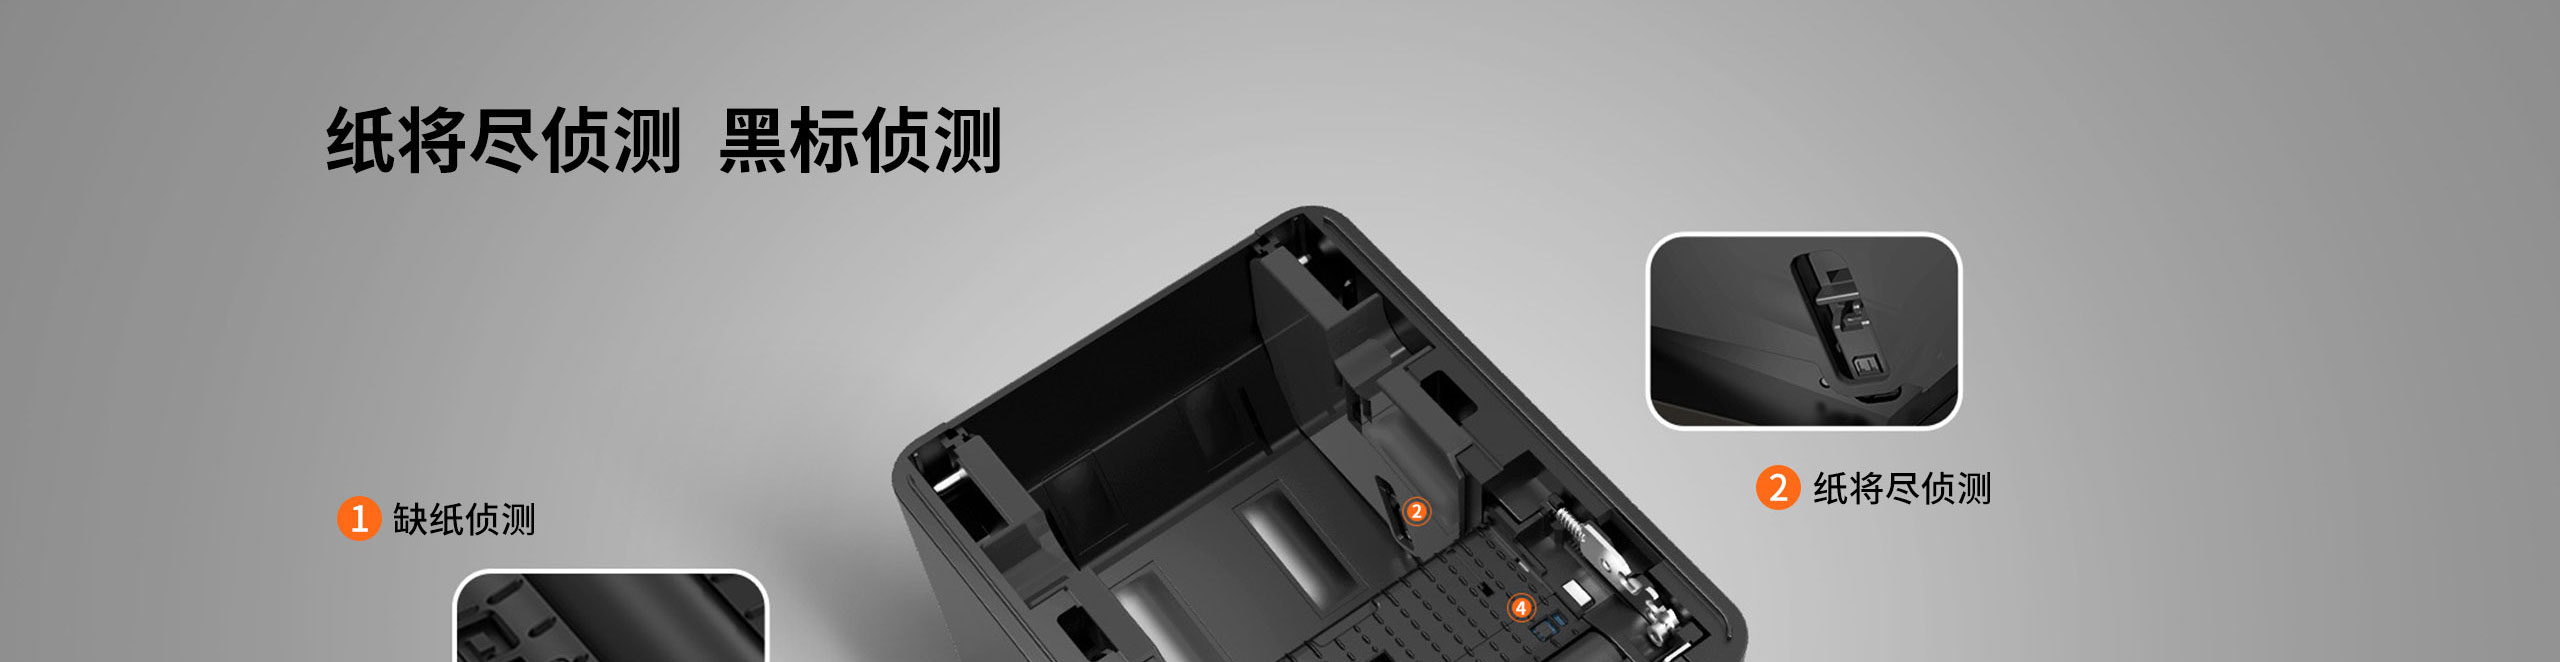 TP809热敏票据打印机,黑白两色可选  第26张